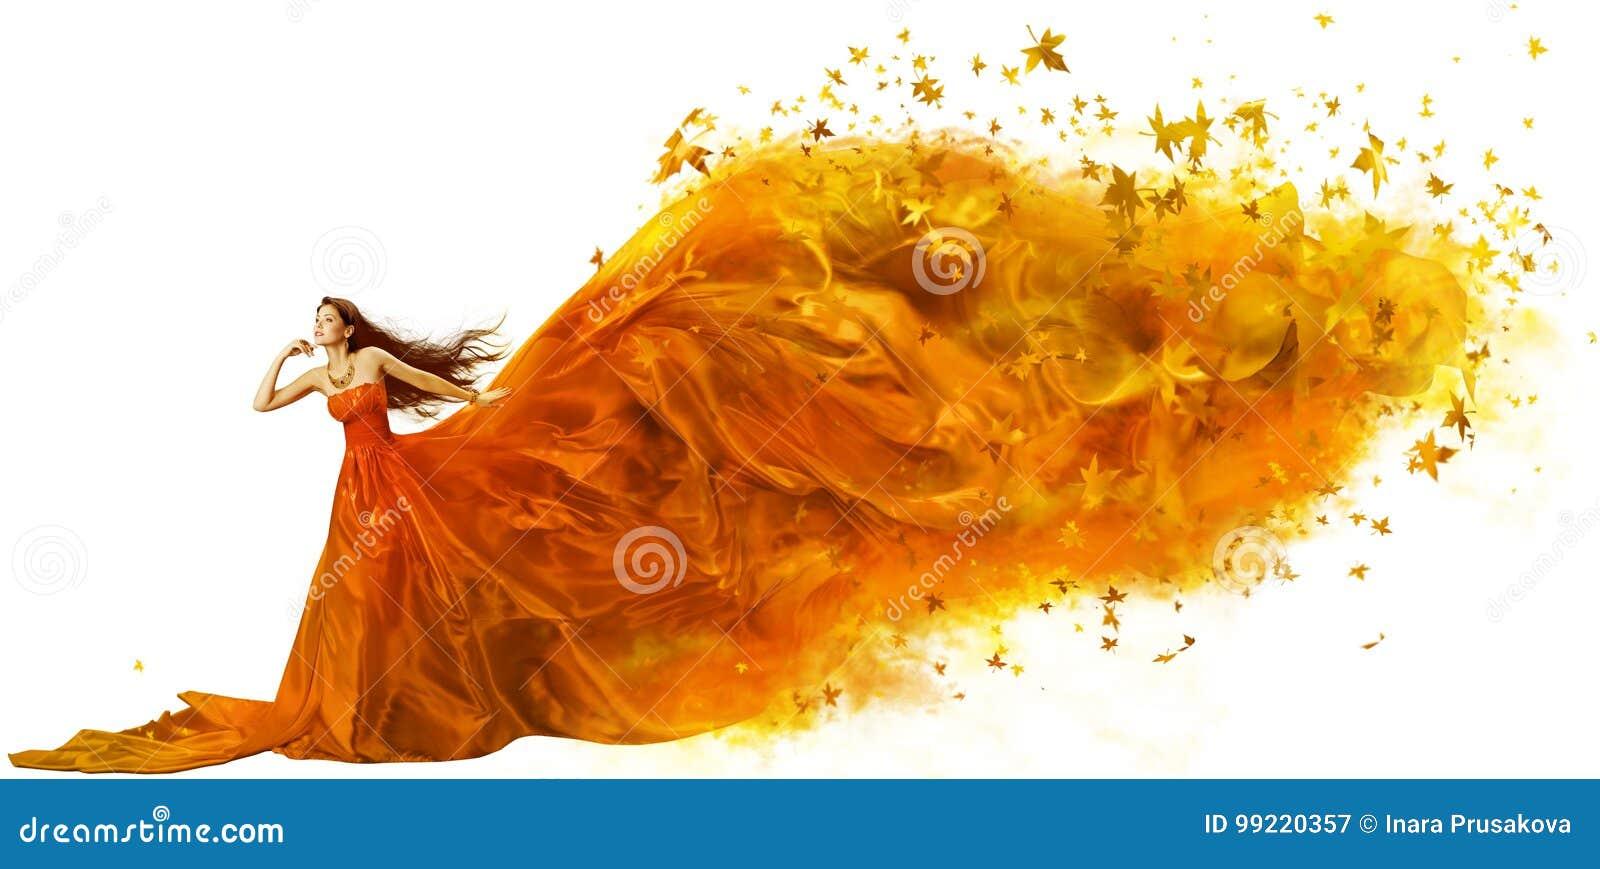 Autumn Woman Art, modelo de forma Fall Leaves Dress, tela longa